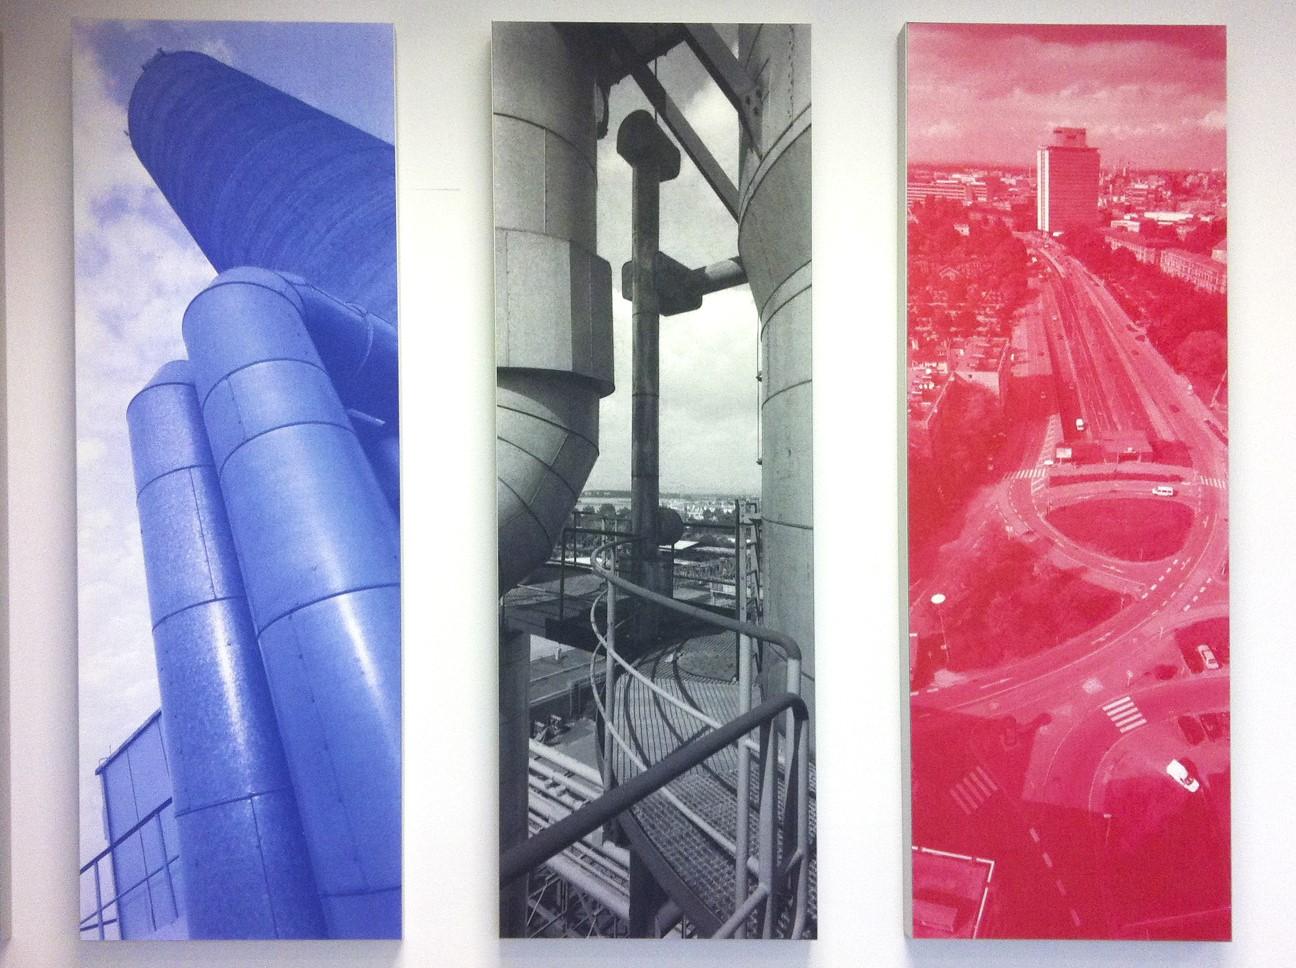 Design acoustique - Design Tableau acoustique picture posé au mur par collage